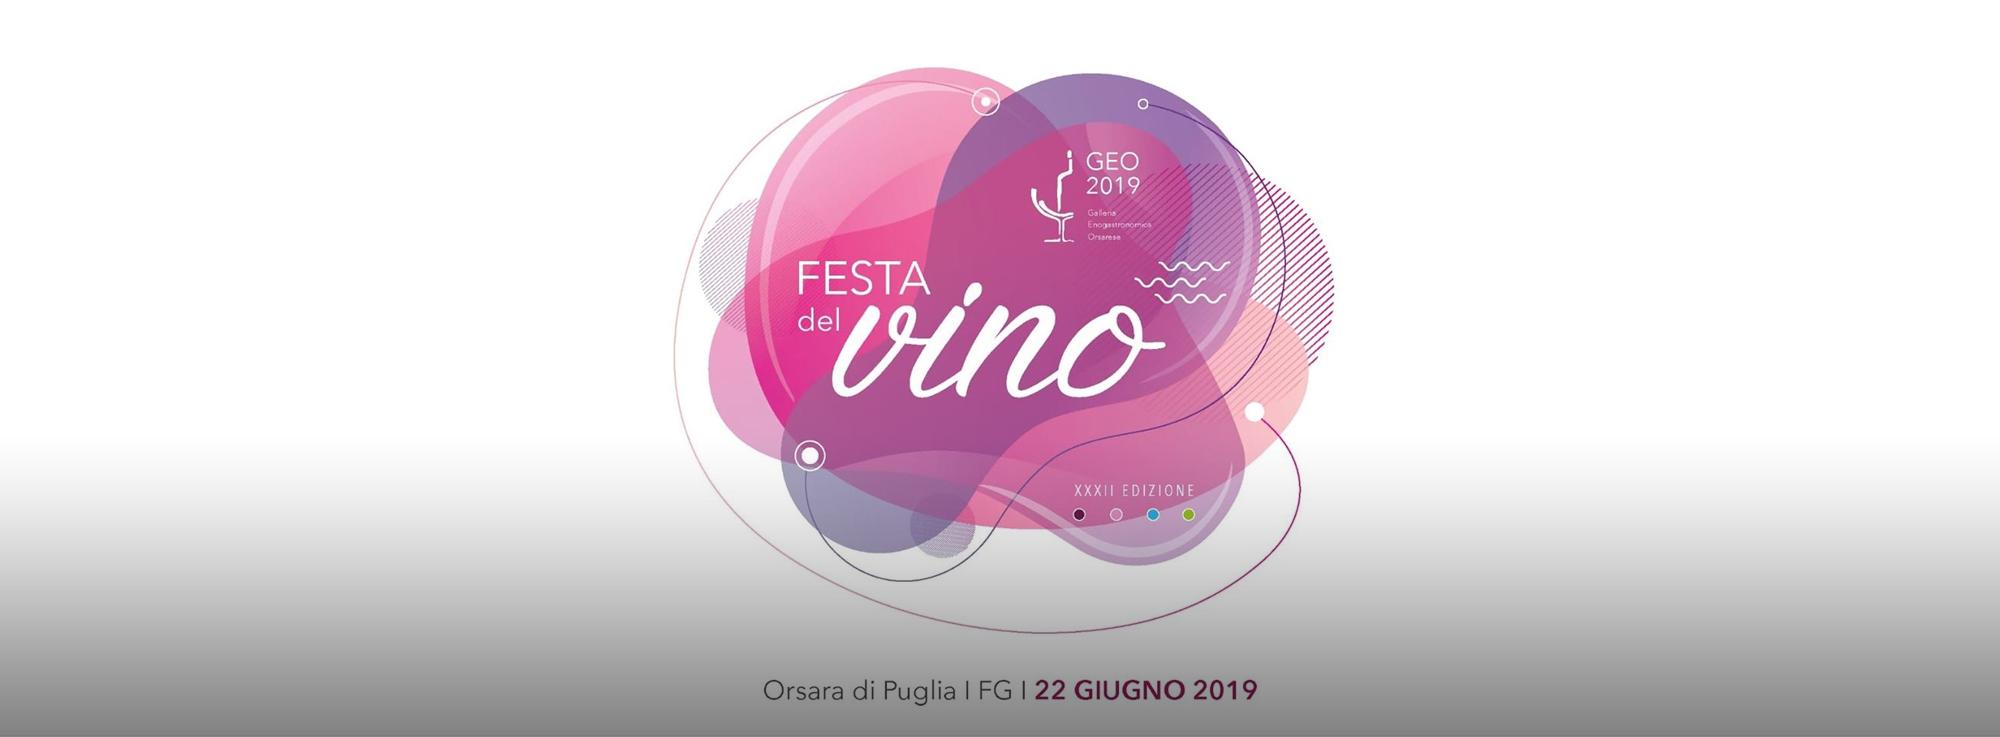 Orsara di Puglia: Festa del Vino